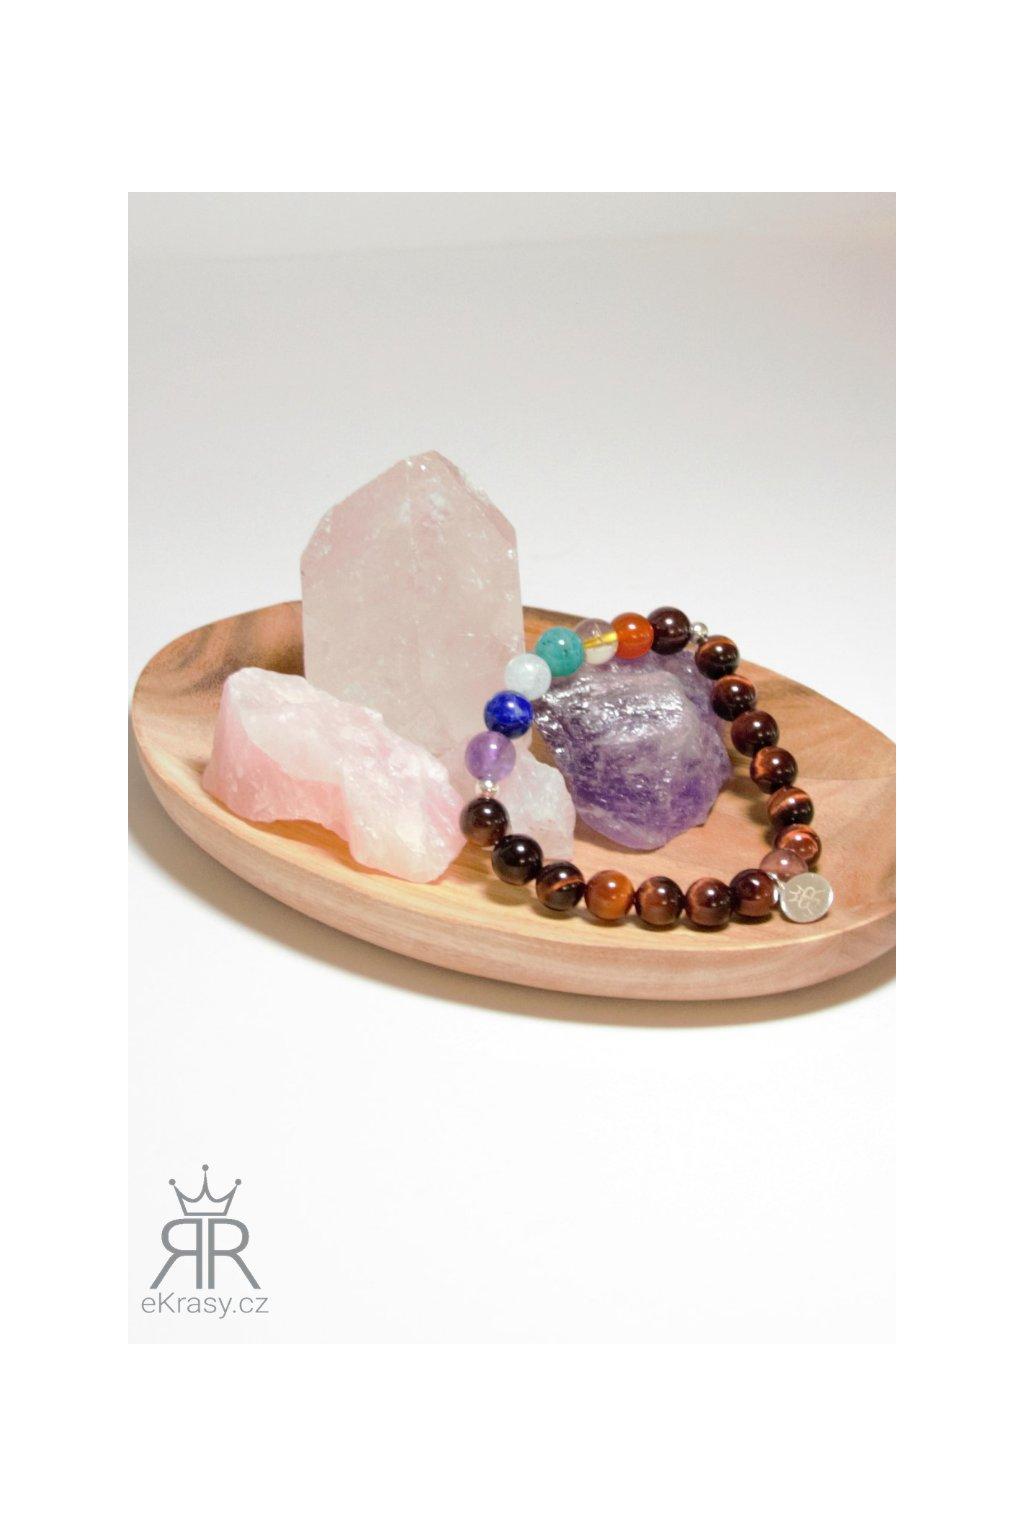 eKrasy náramek Čakry Lima s kameny - krásný náramek z přírodních materiálů